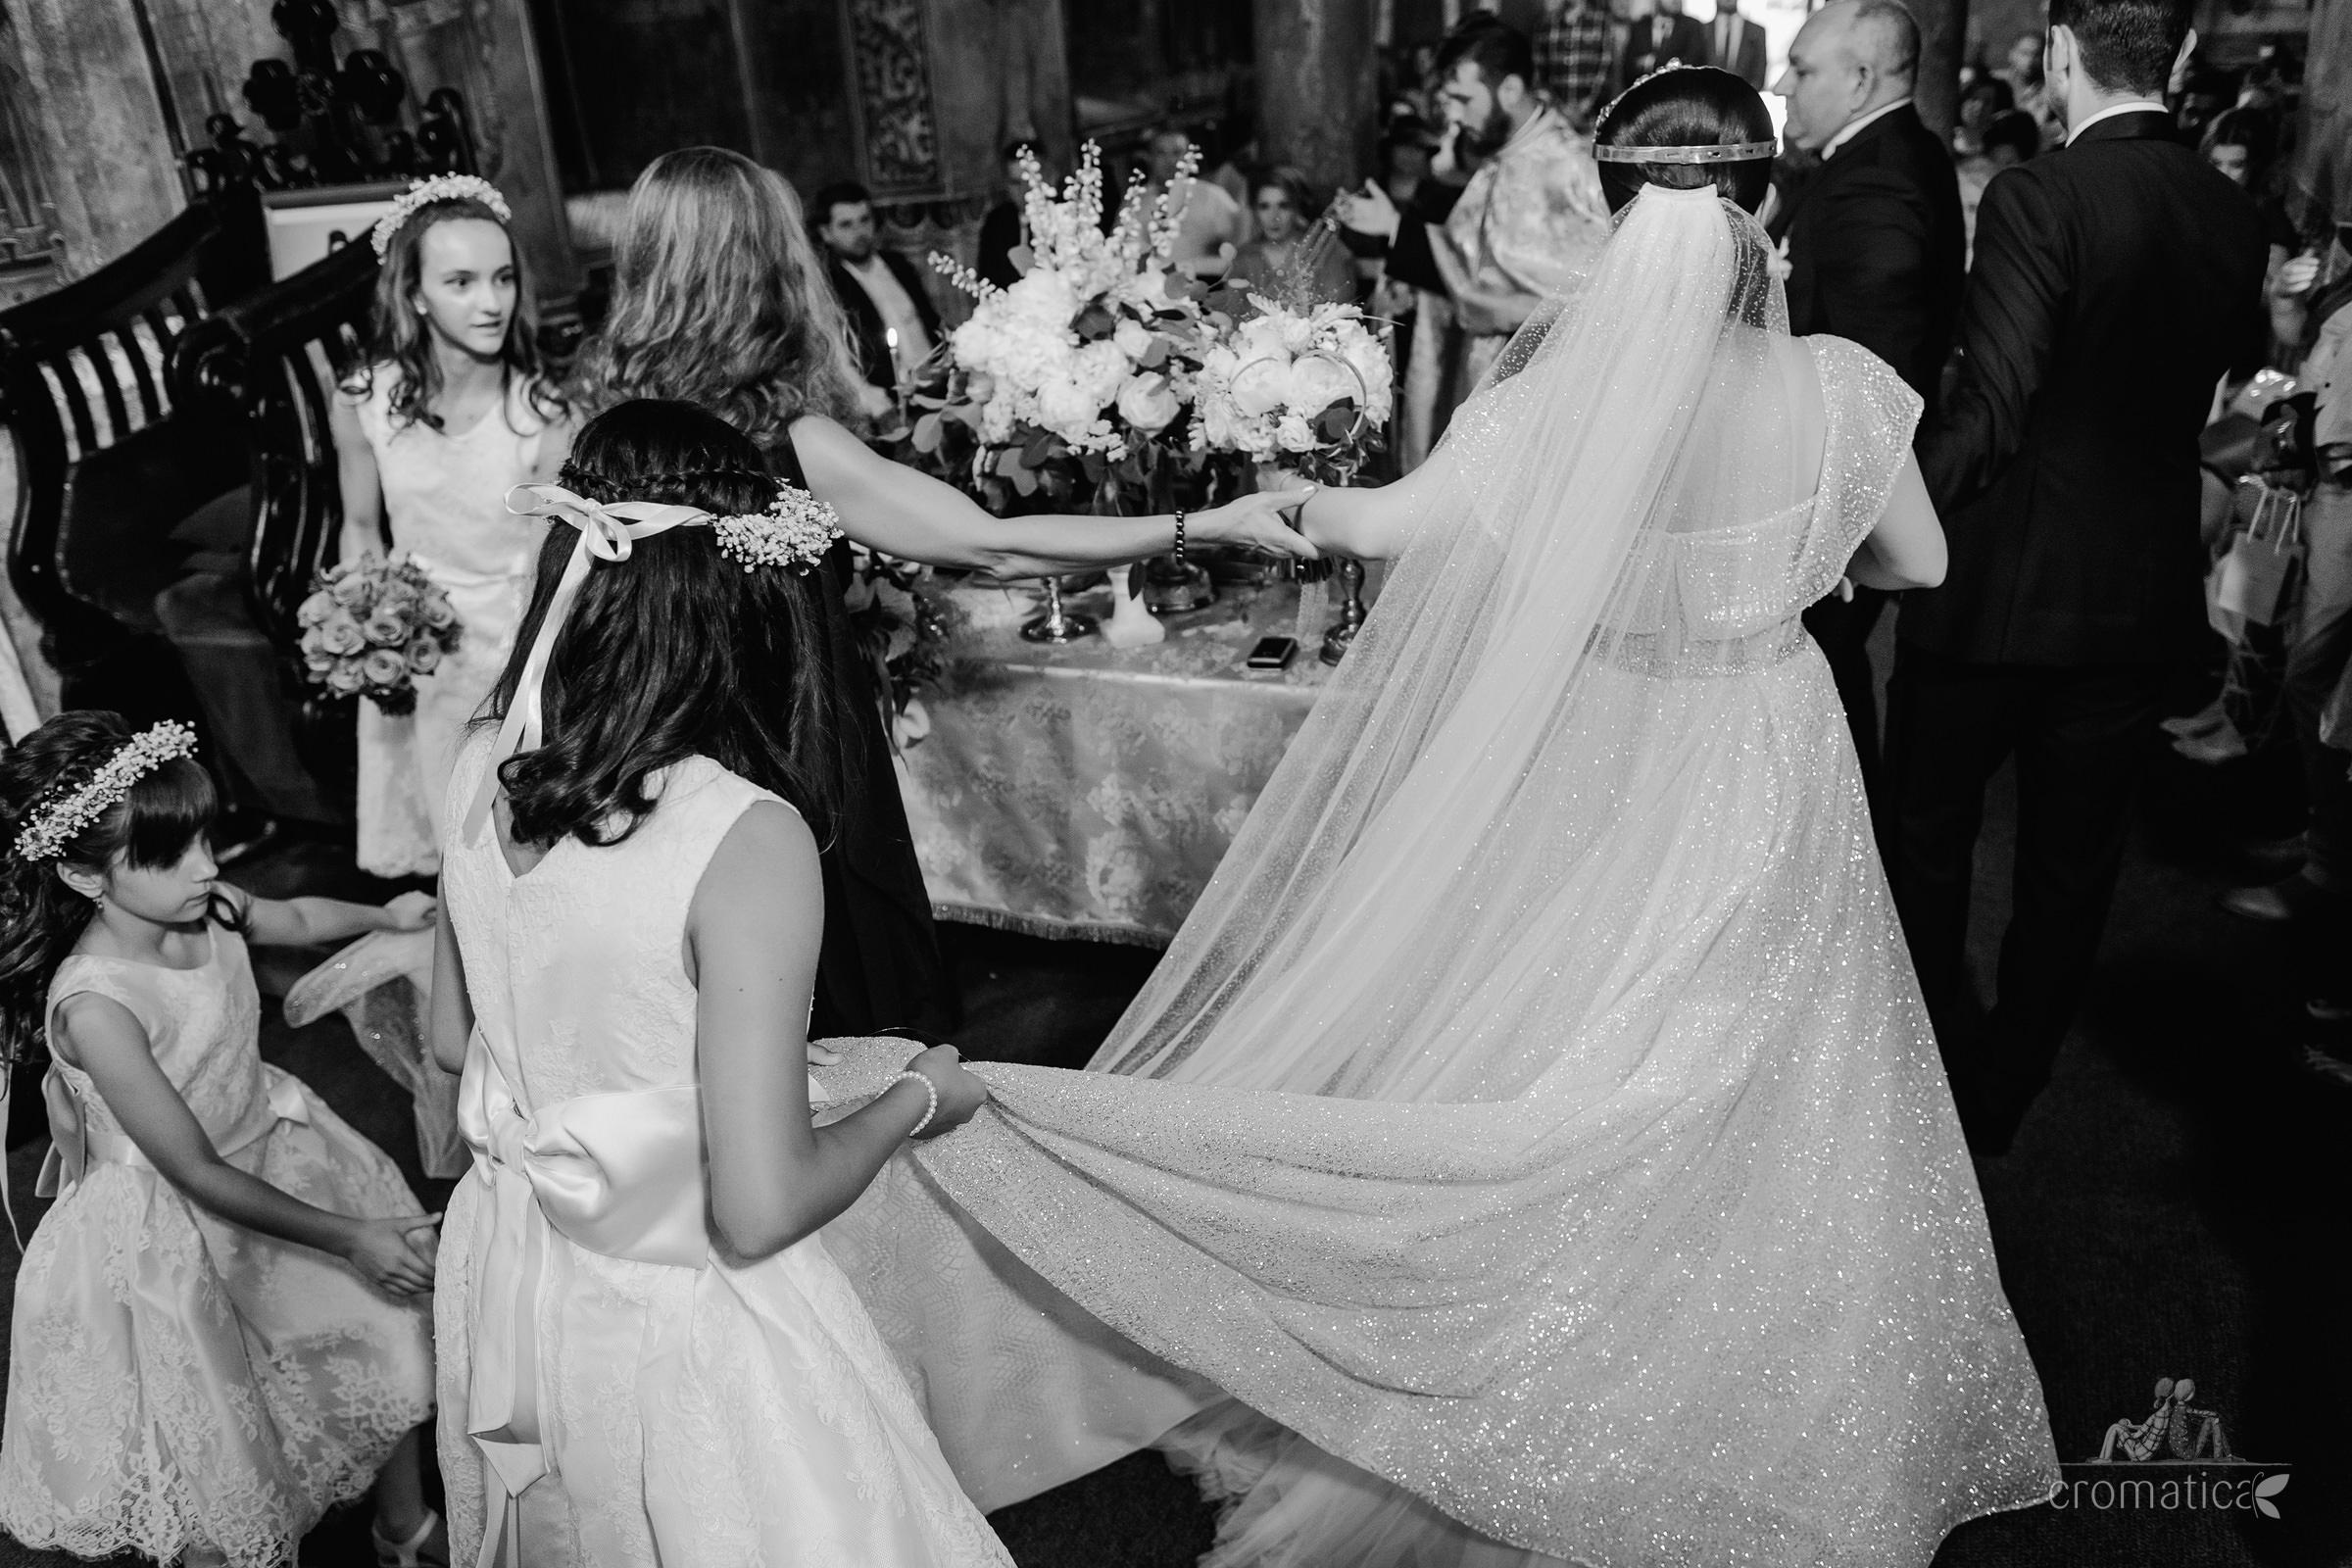 oana alex fotografii nunta rm valcea 035